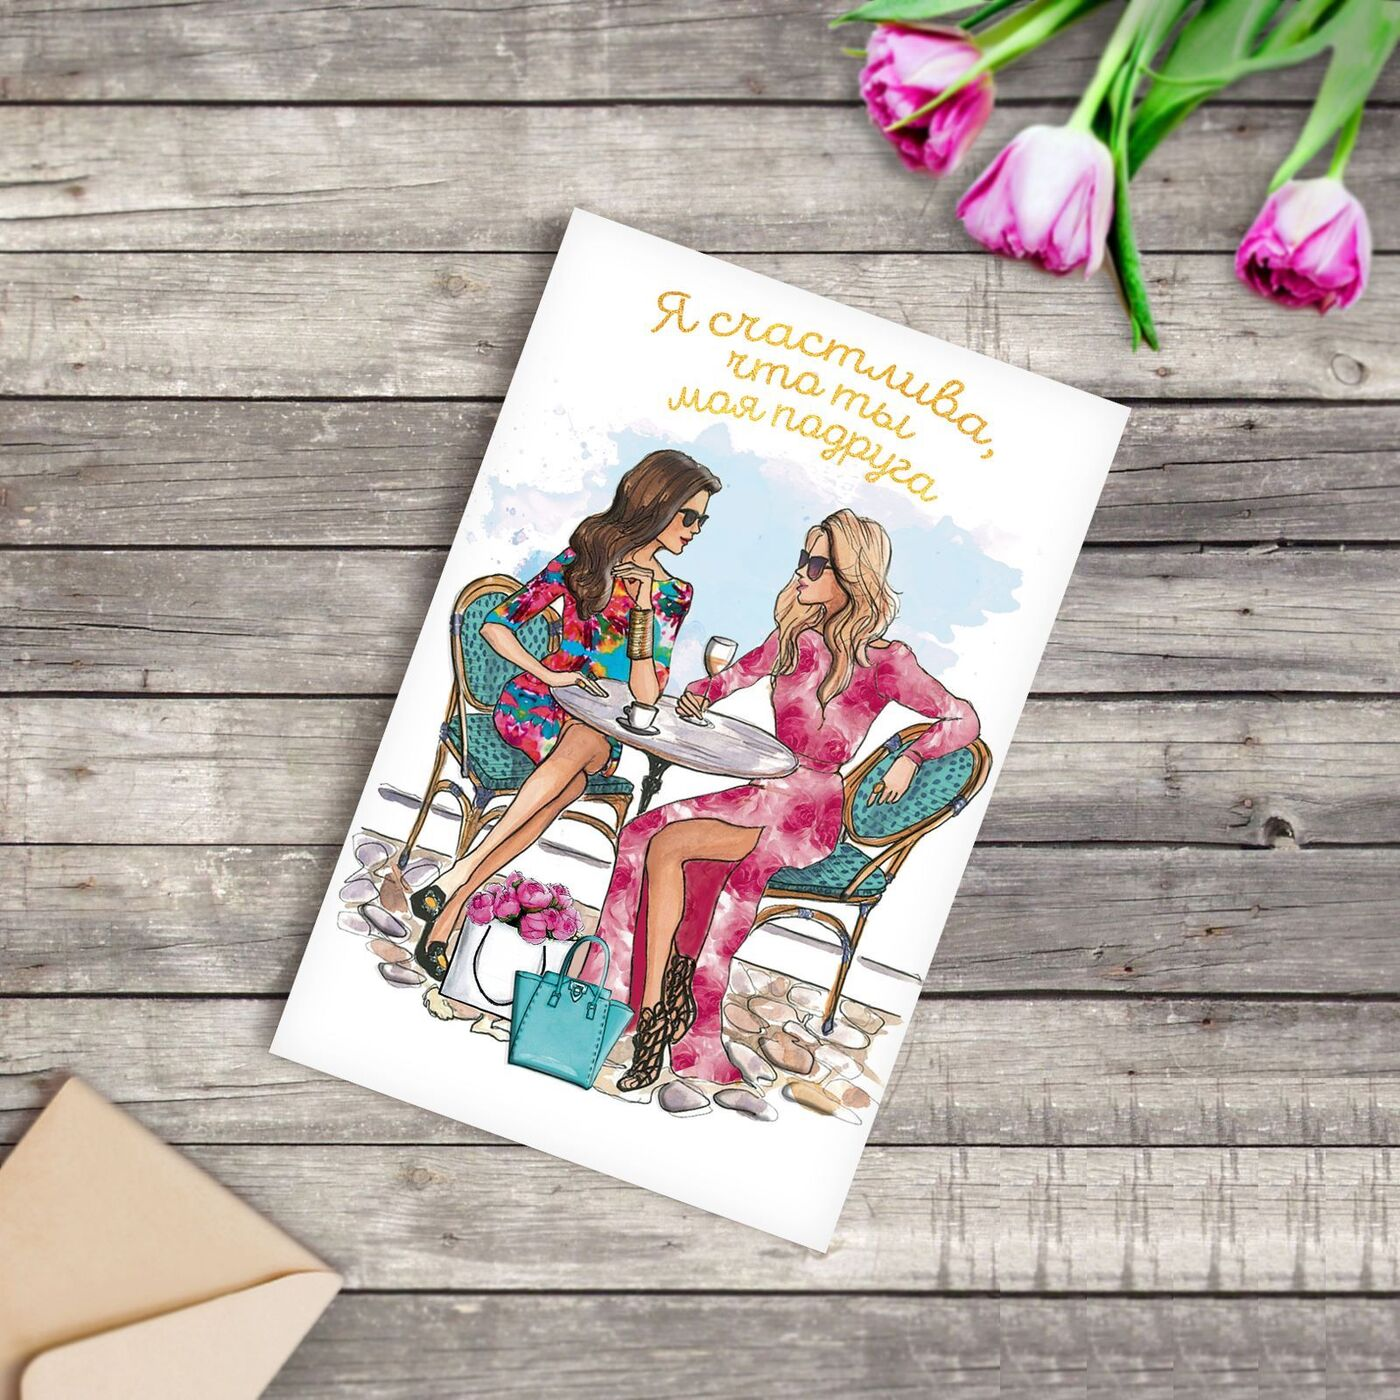 мини открытка на день рождения подруге лингаме находит выражение